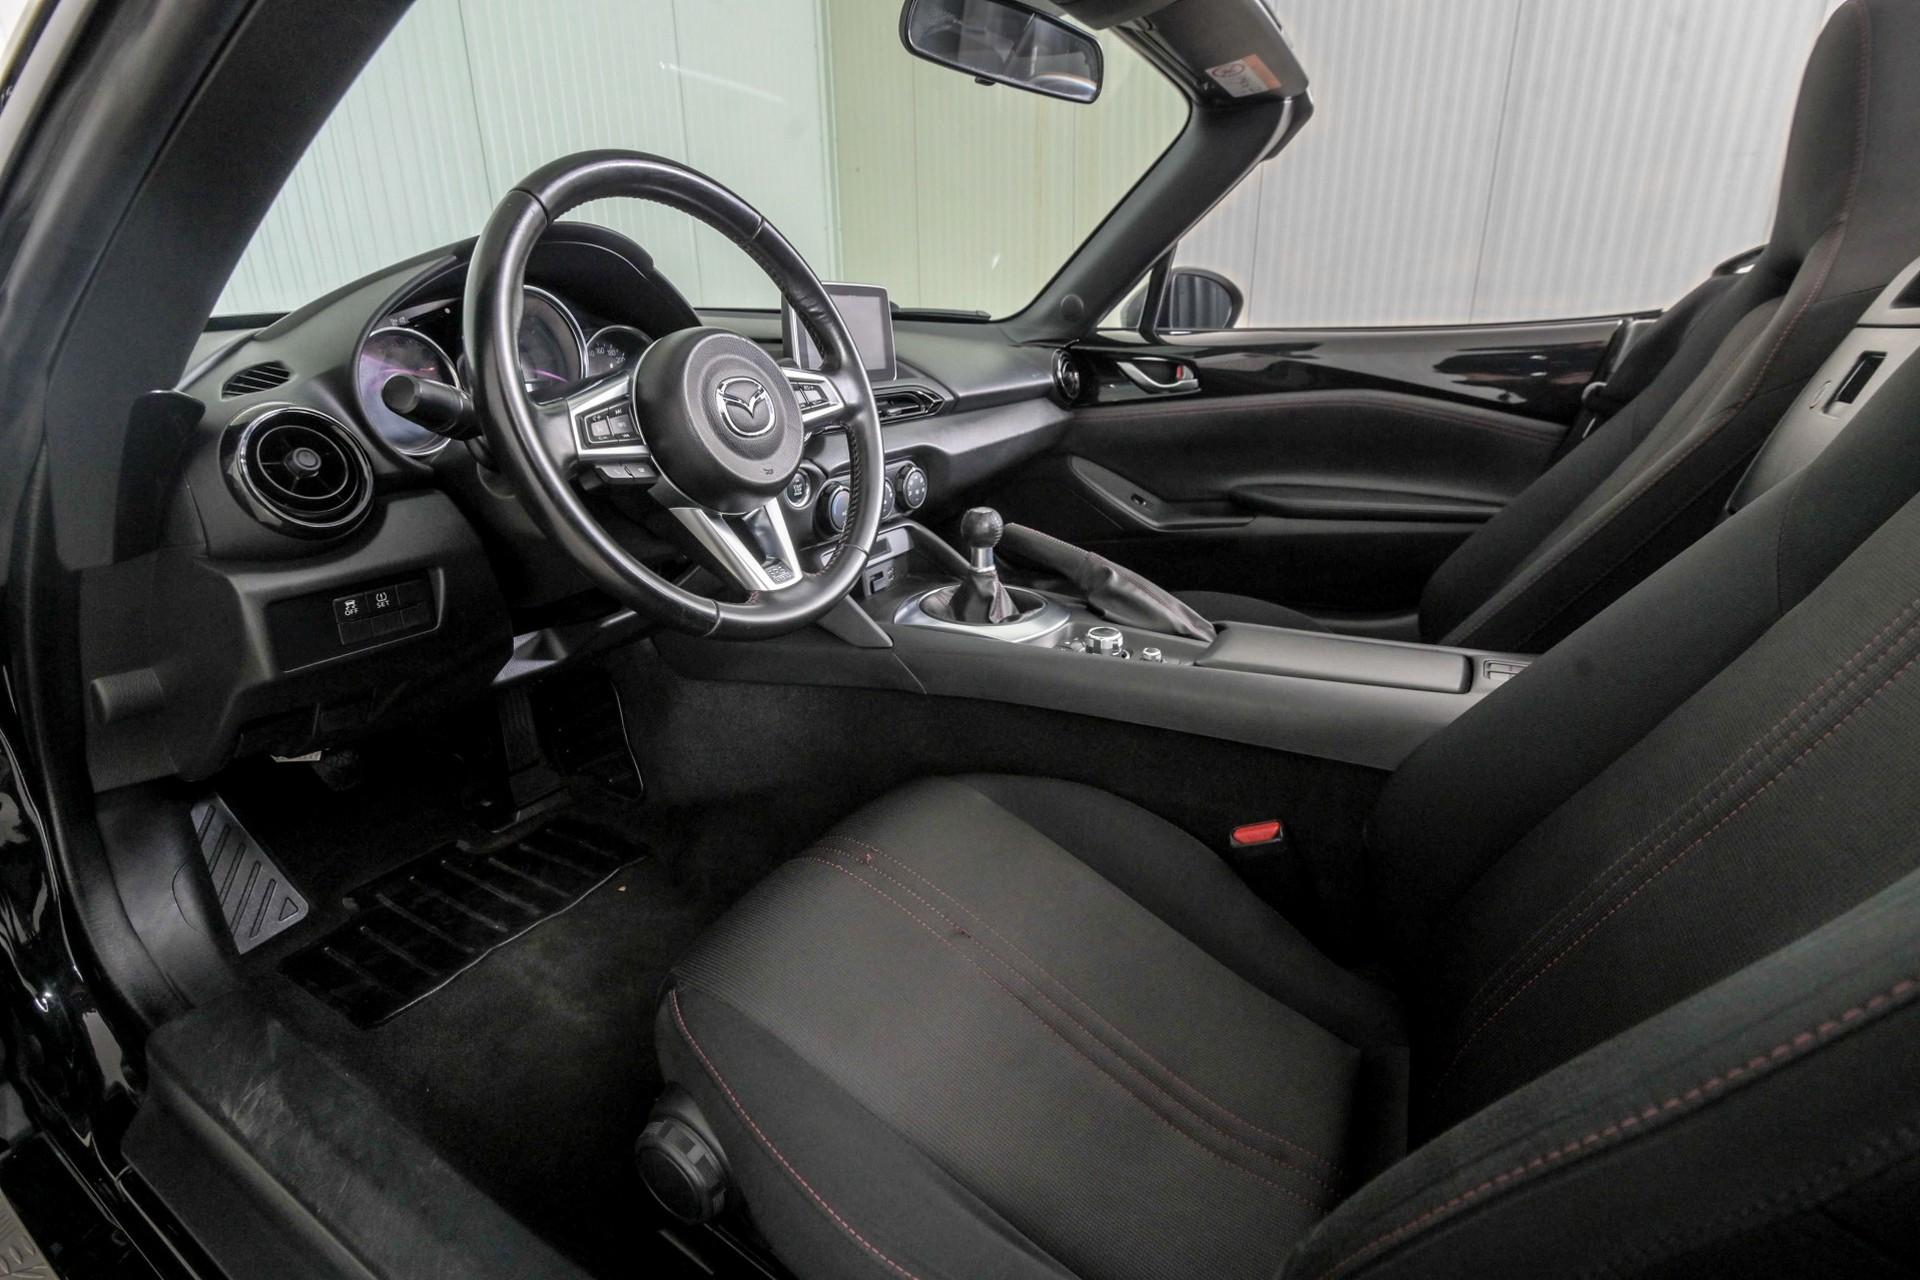 Mazda MX-5 1.5 SkyActiv-G 131 S Foto 11